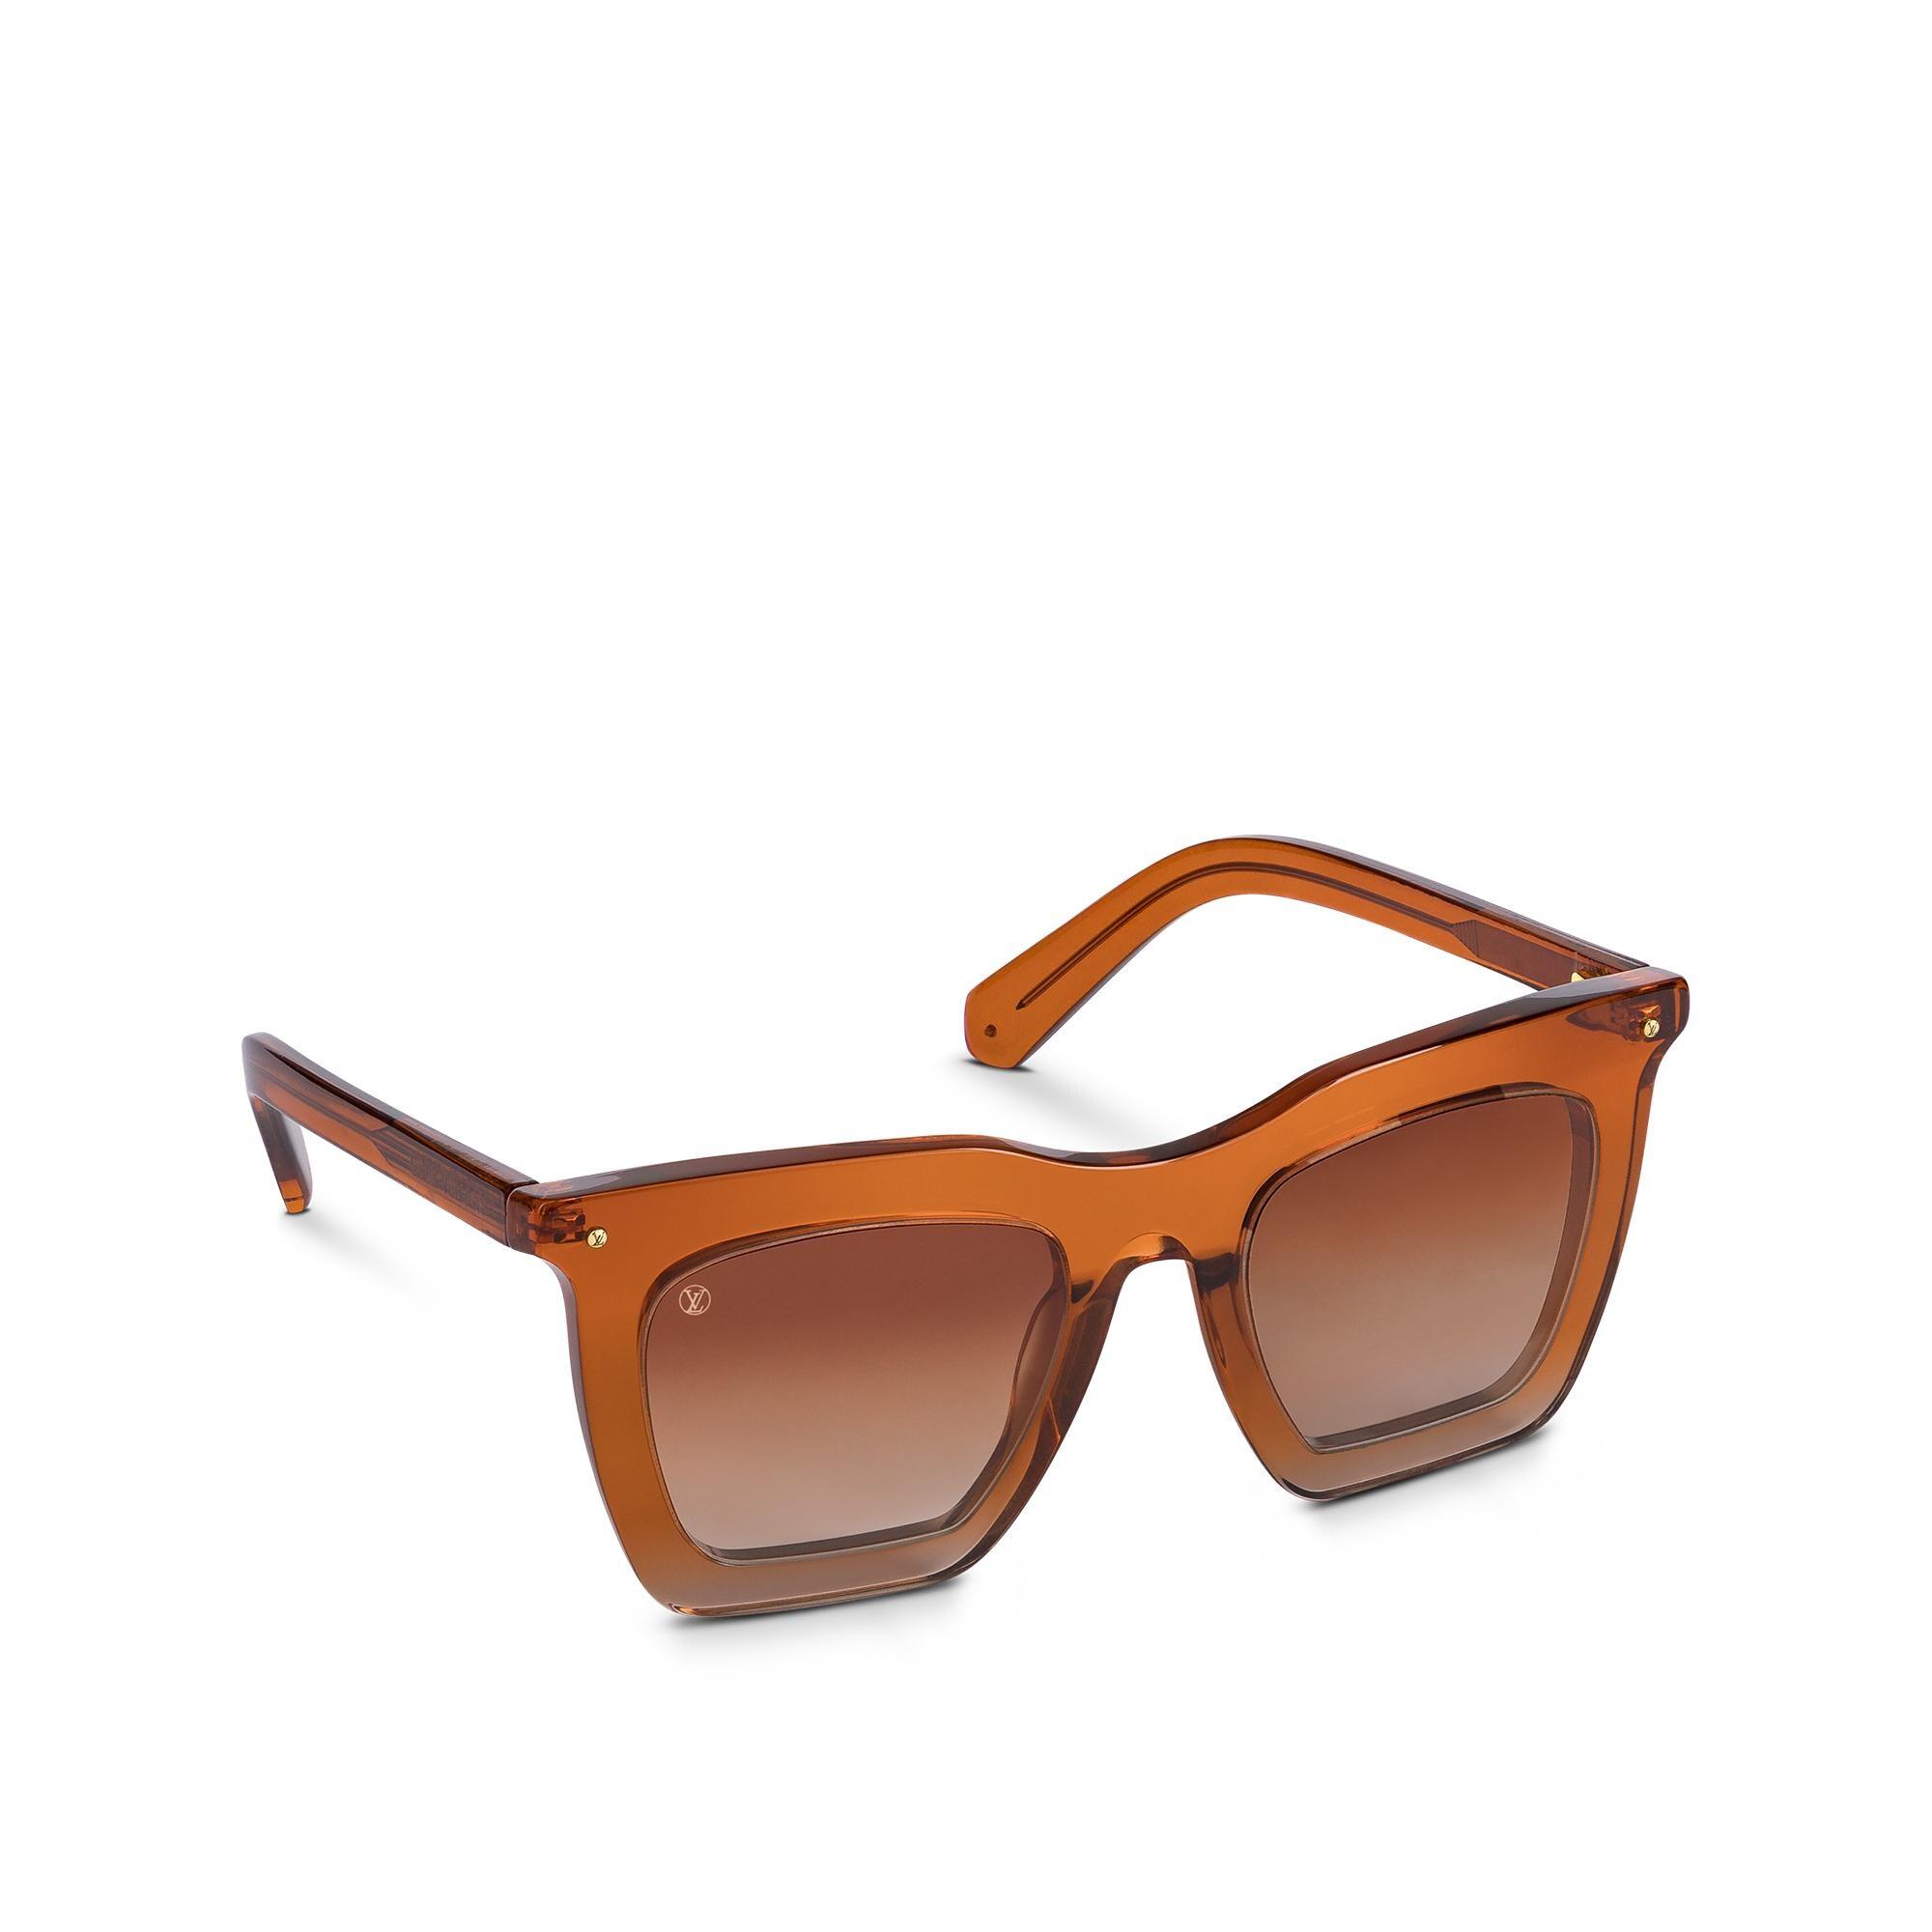 Mắt kính gọng nhựa trong Louis Vuitton màu nâu